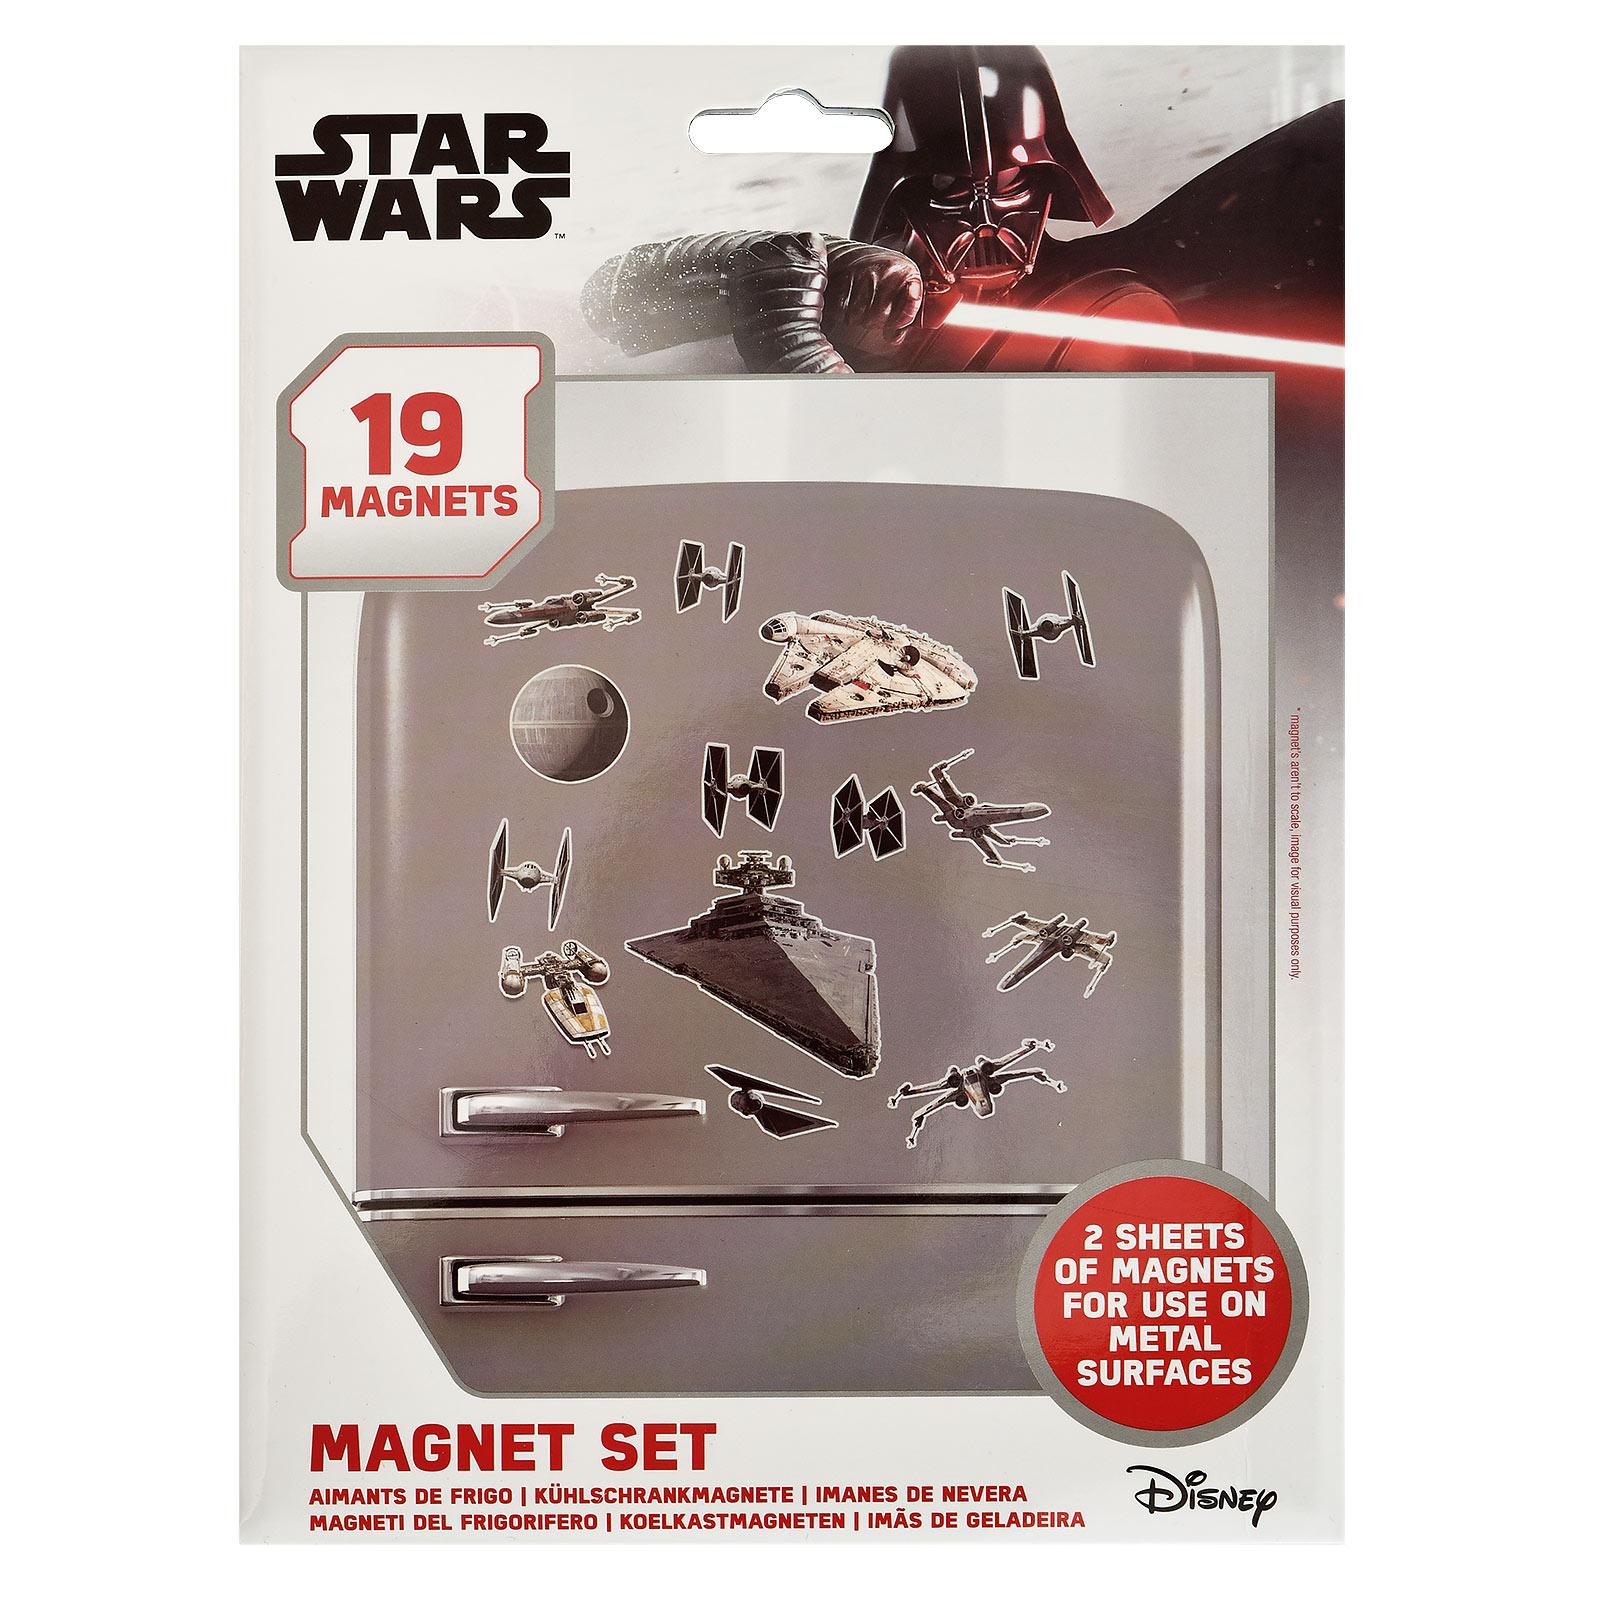 Star Wars - Space Battle Magnet-Set